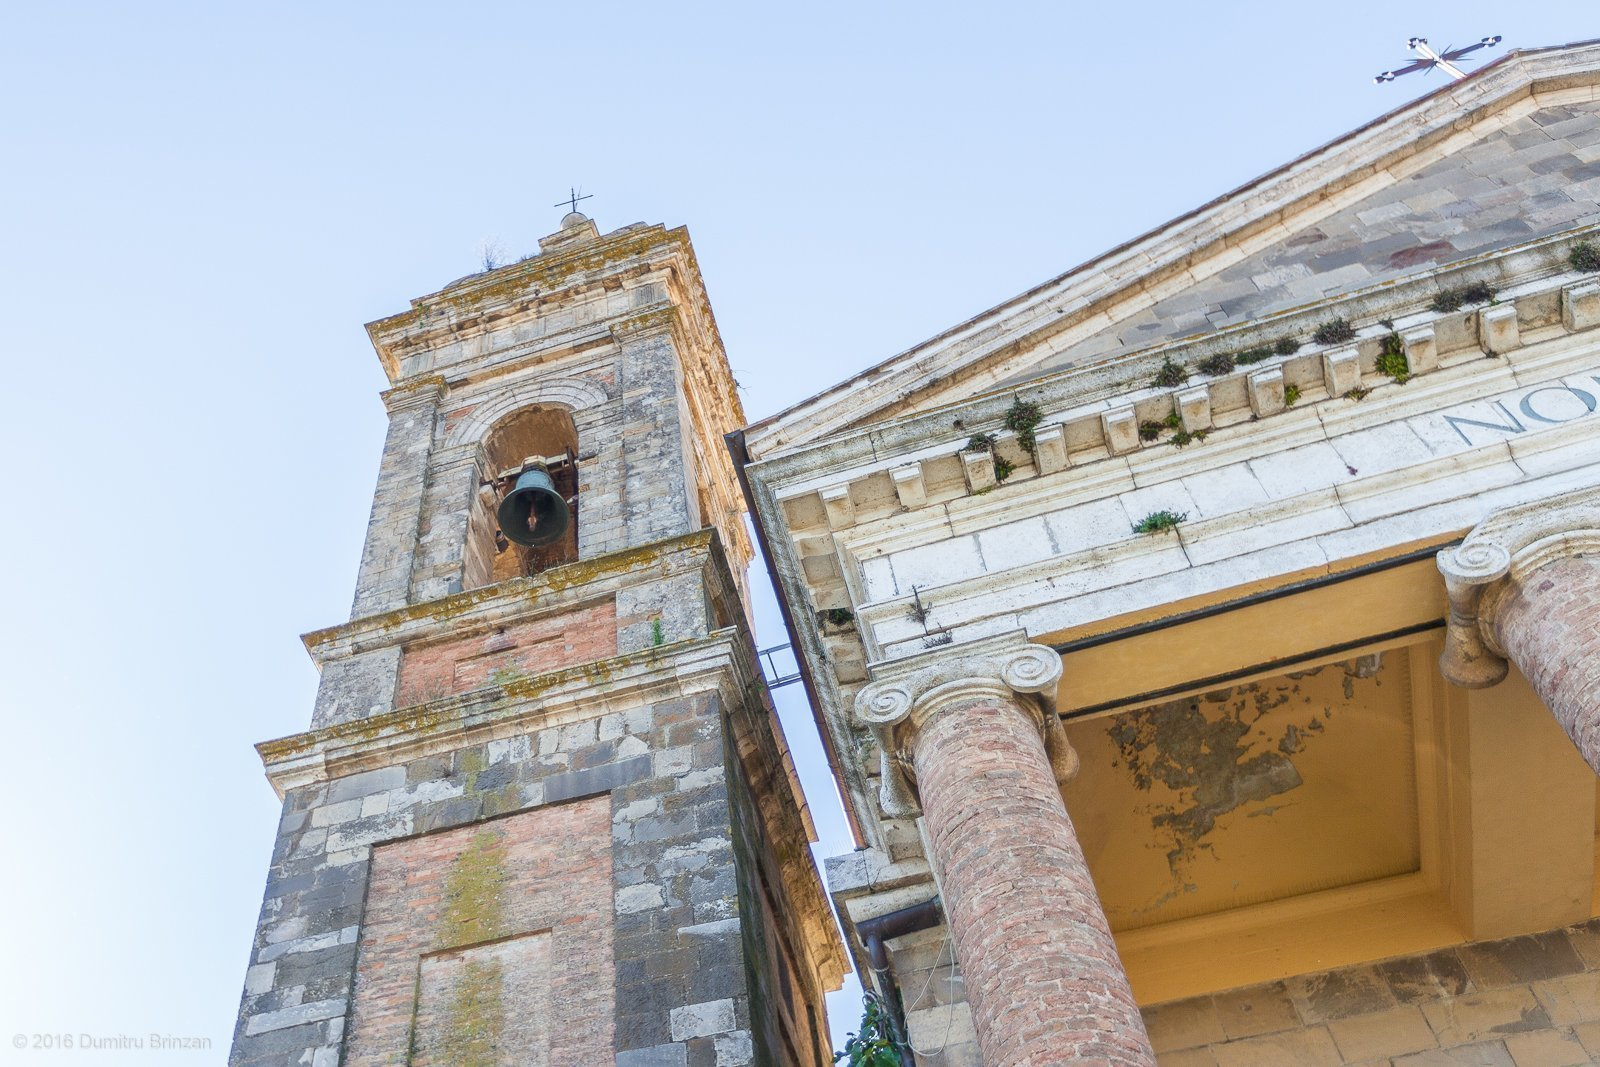 2016-montalcino-tuscany-italy-12-cattedrale-del-santissimo-salvatore